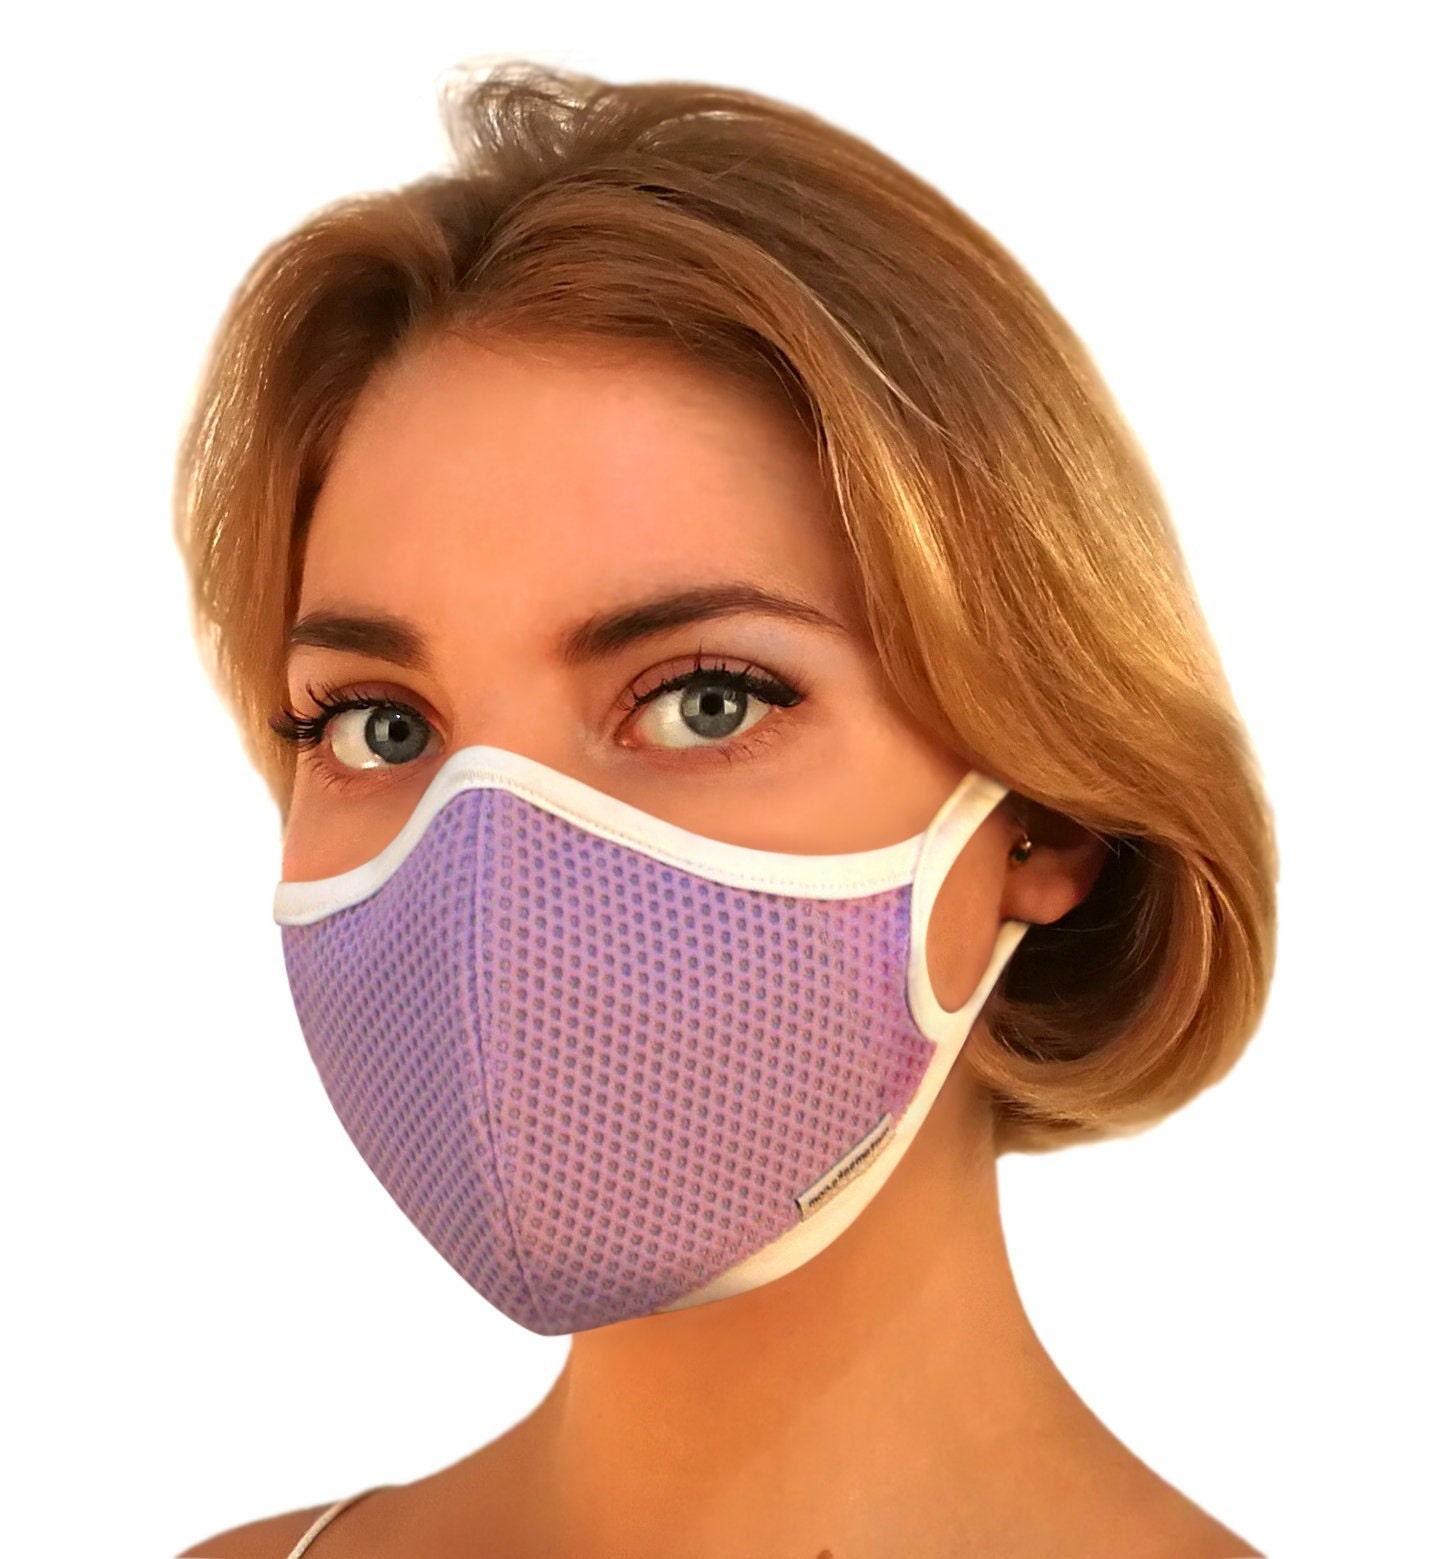 masque air pollution